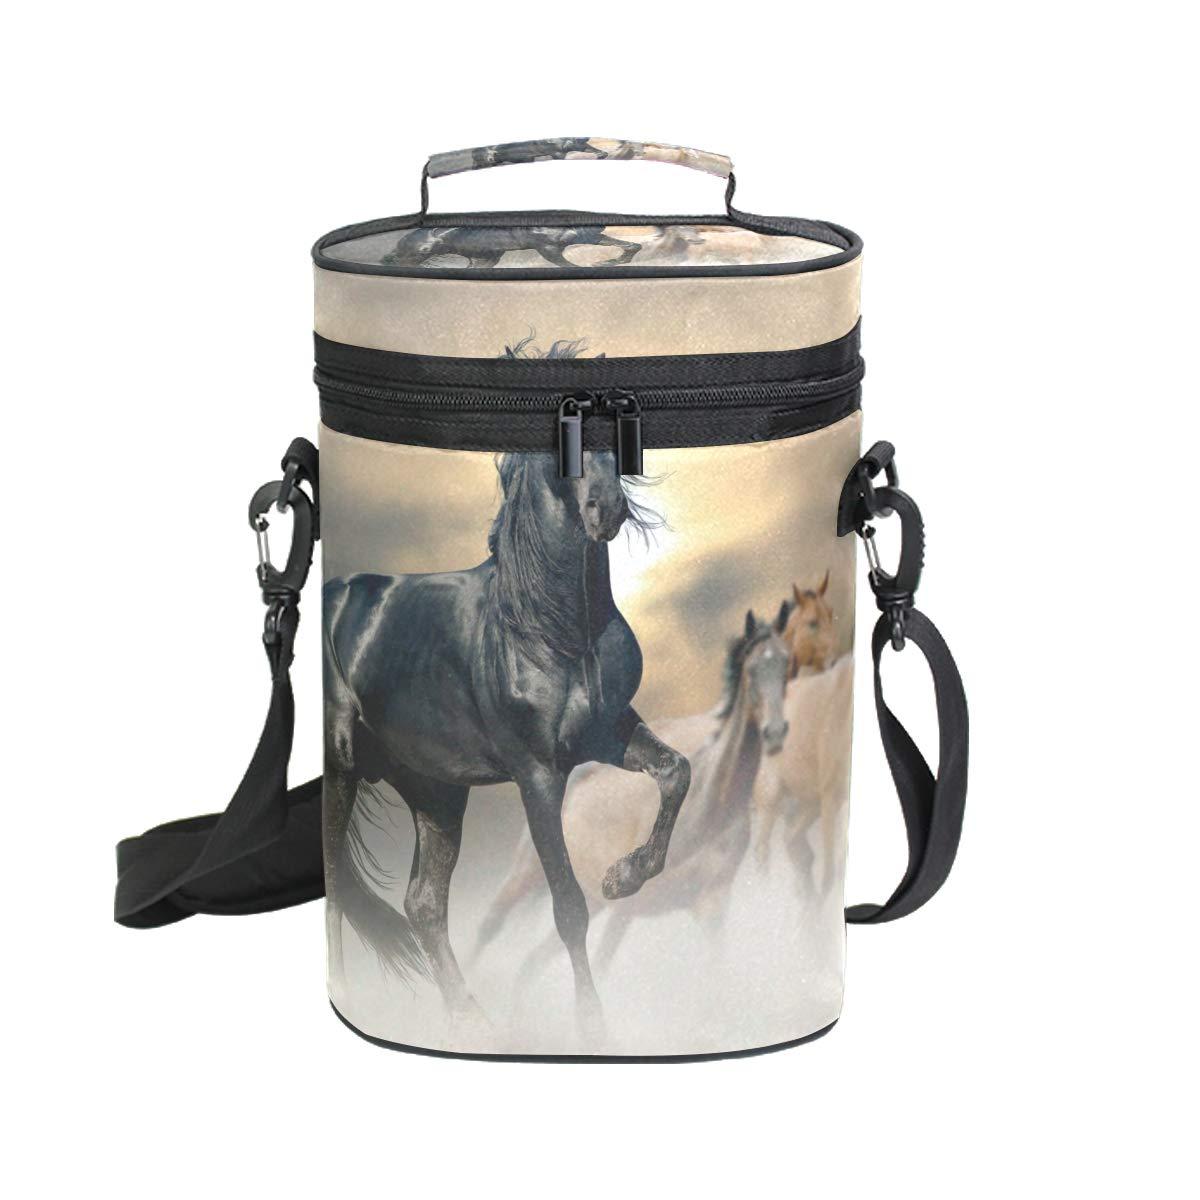 CoOSUN Sac de transport isotherme pour bouteille de vin avec poignée et bandoulière réglable Motif chevaux